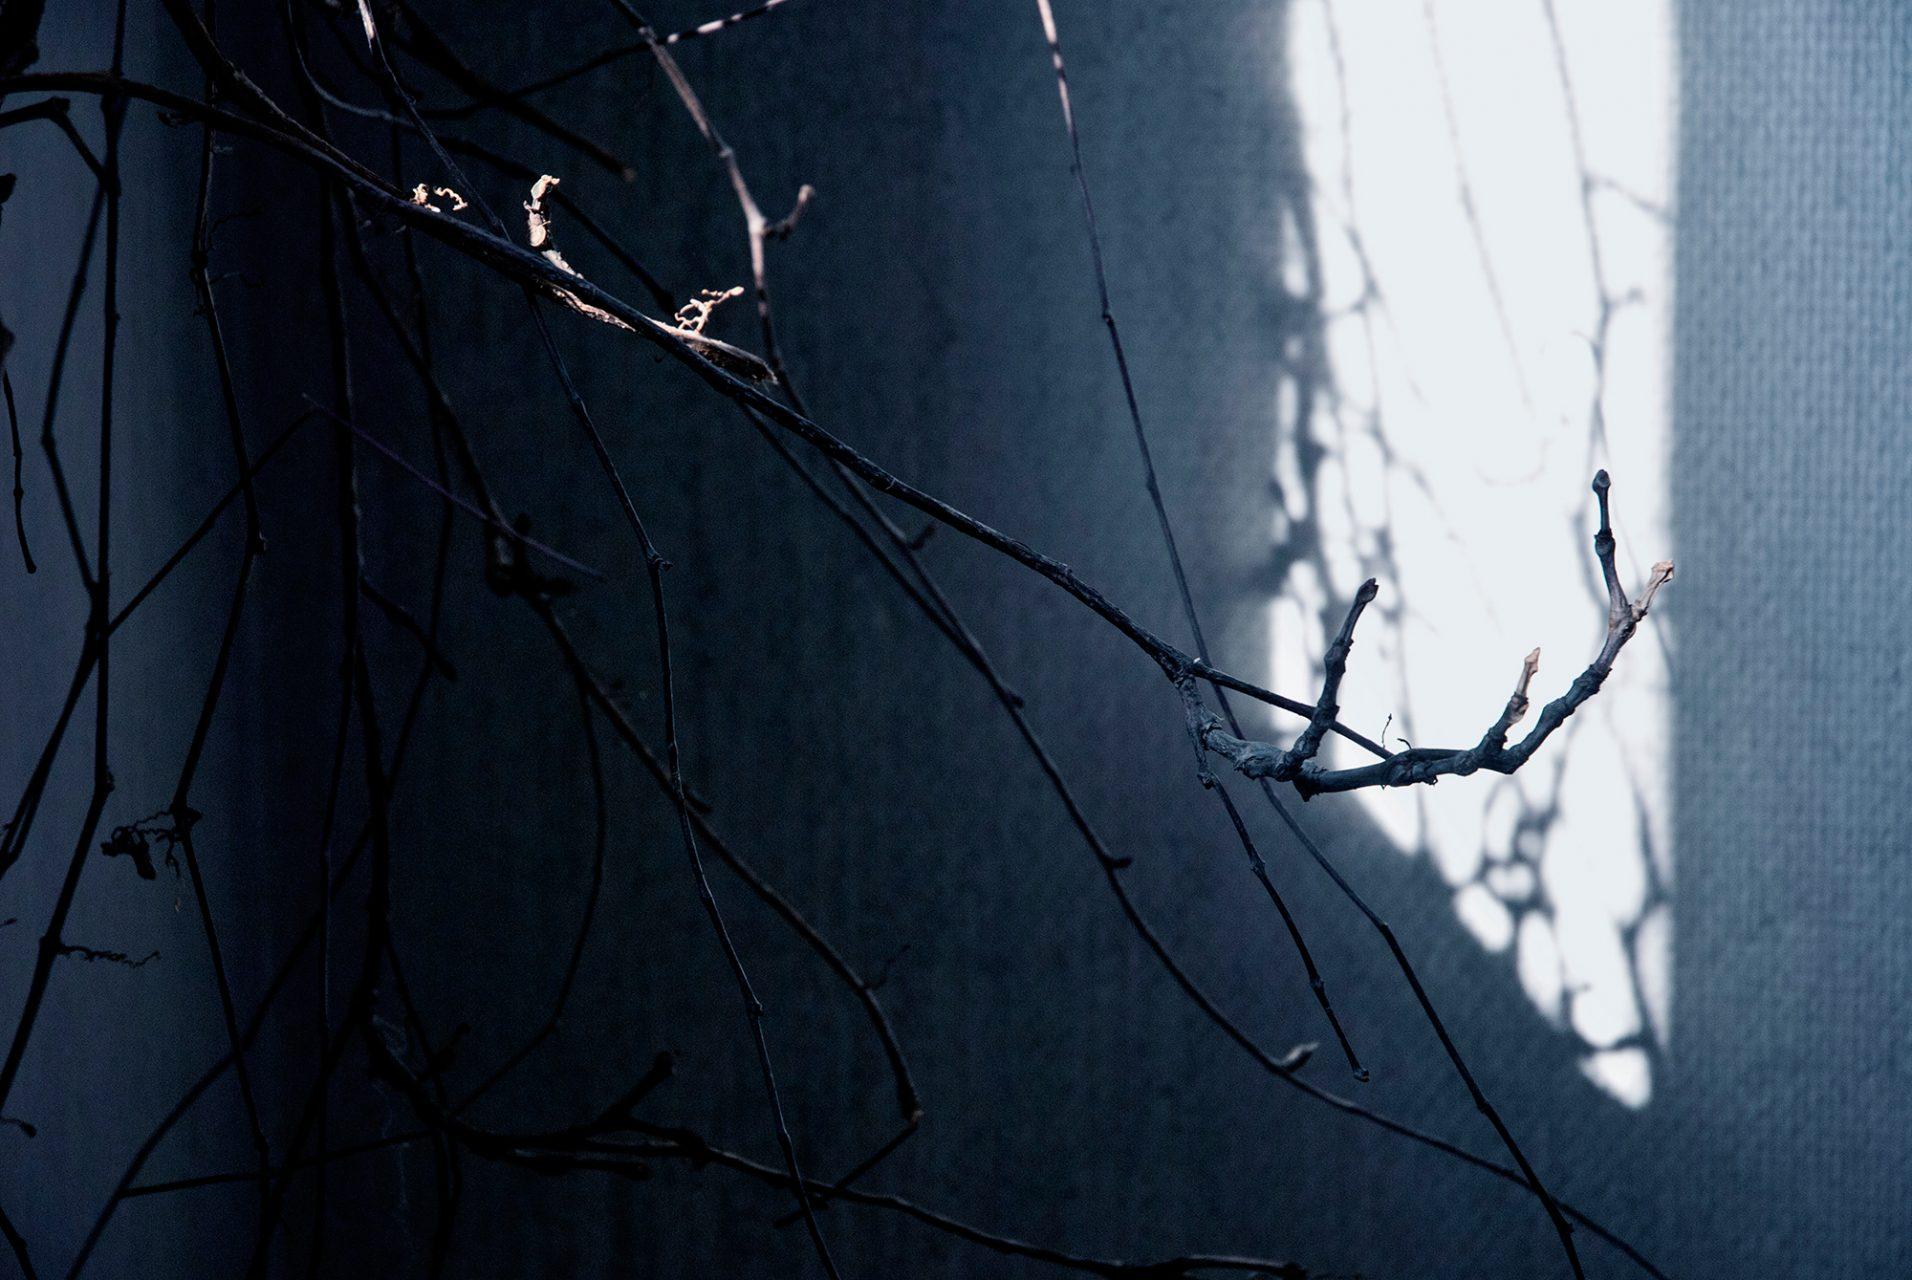 sara_de_jesus_bento_branches_01